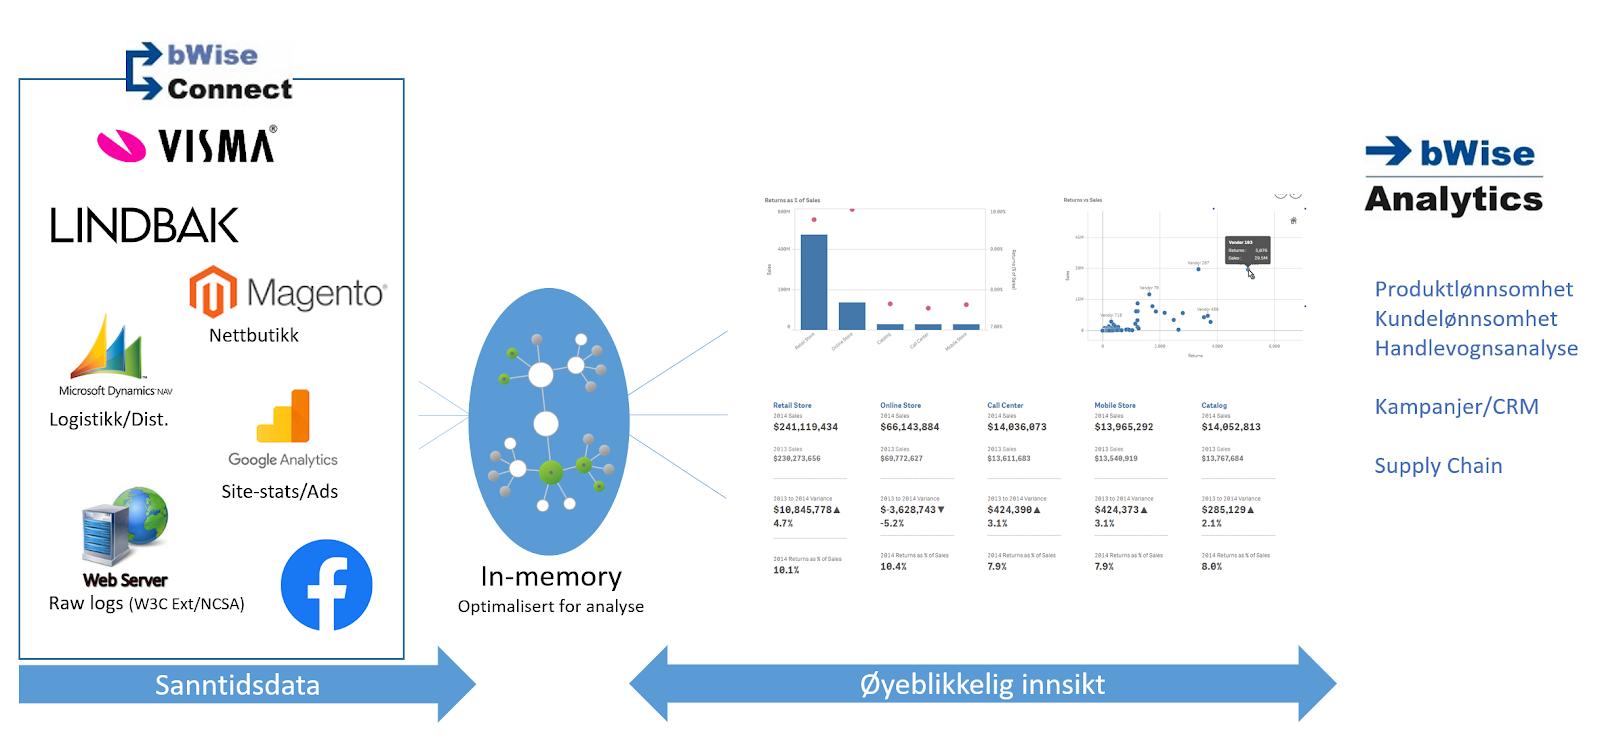 datainnsamling, sammenstilling, analyse og visualisering av omnikanal-verdikjeder